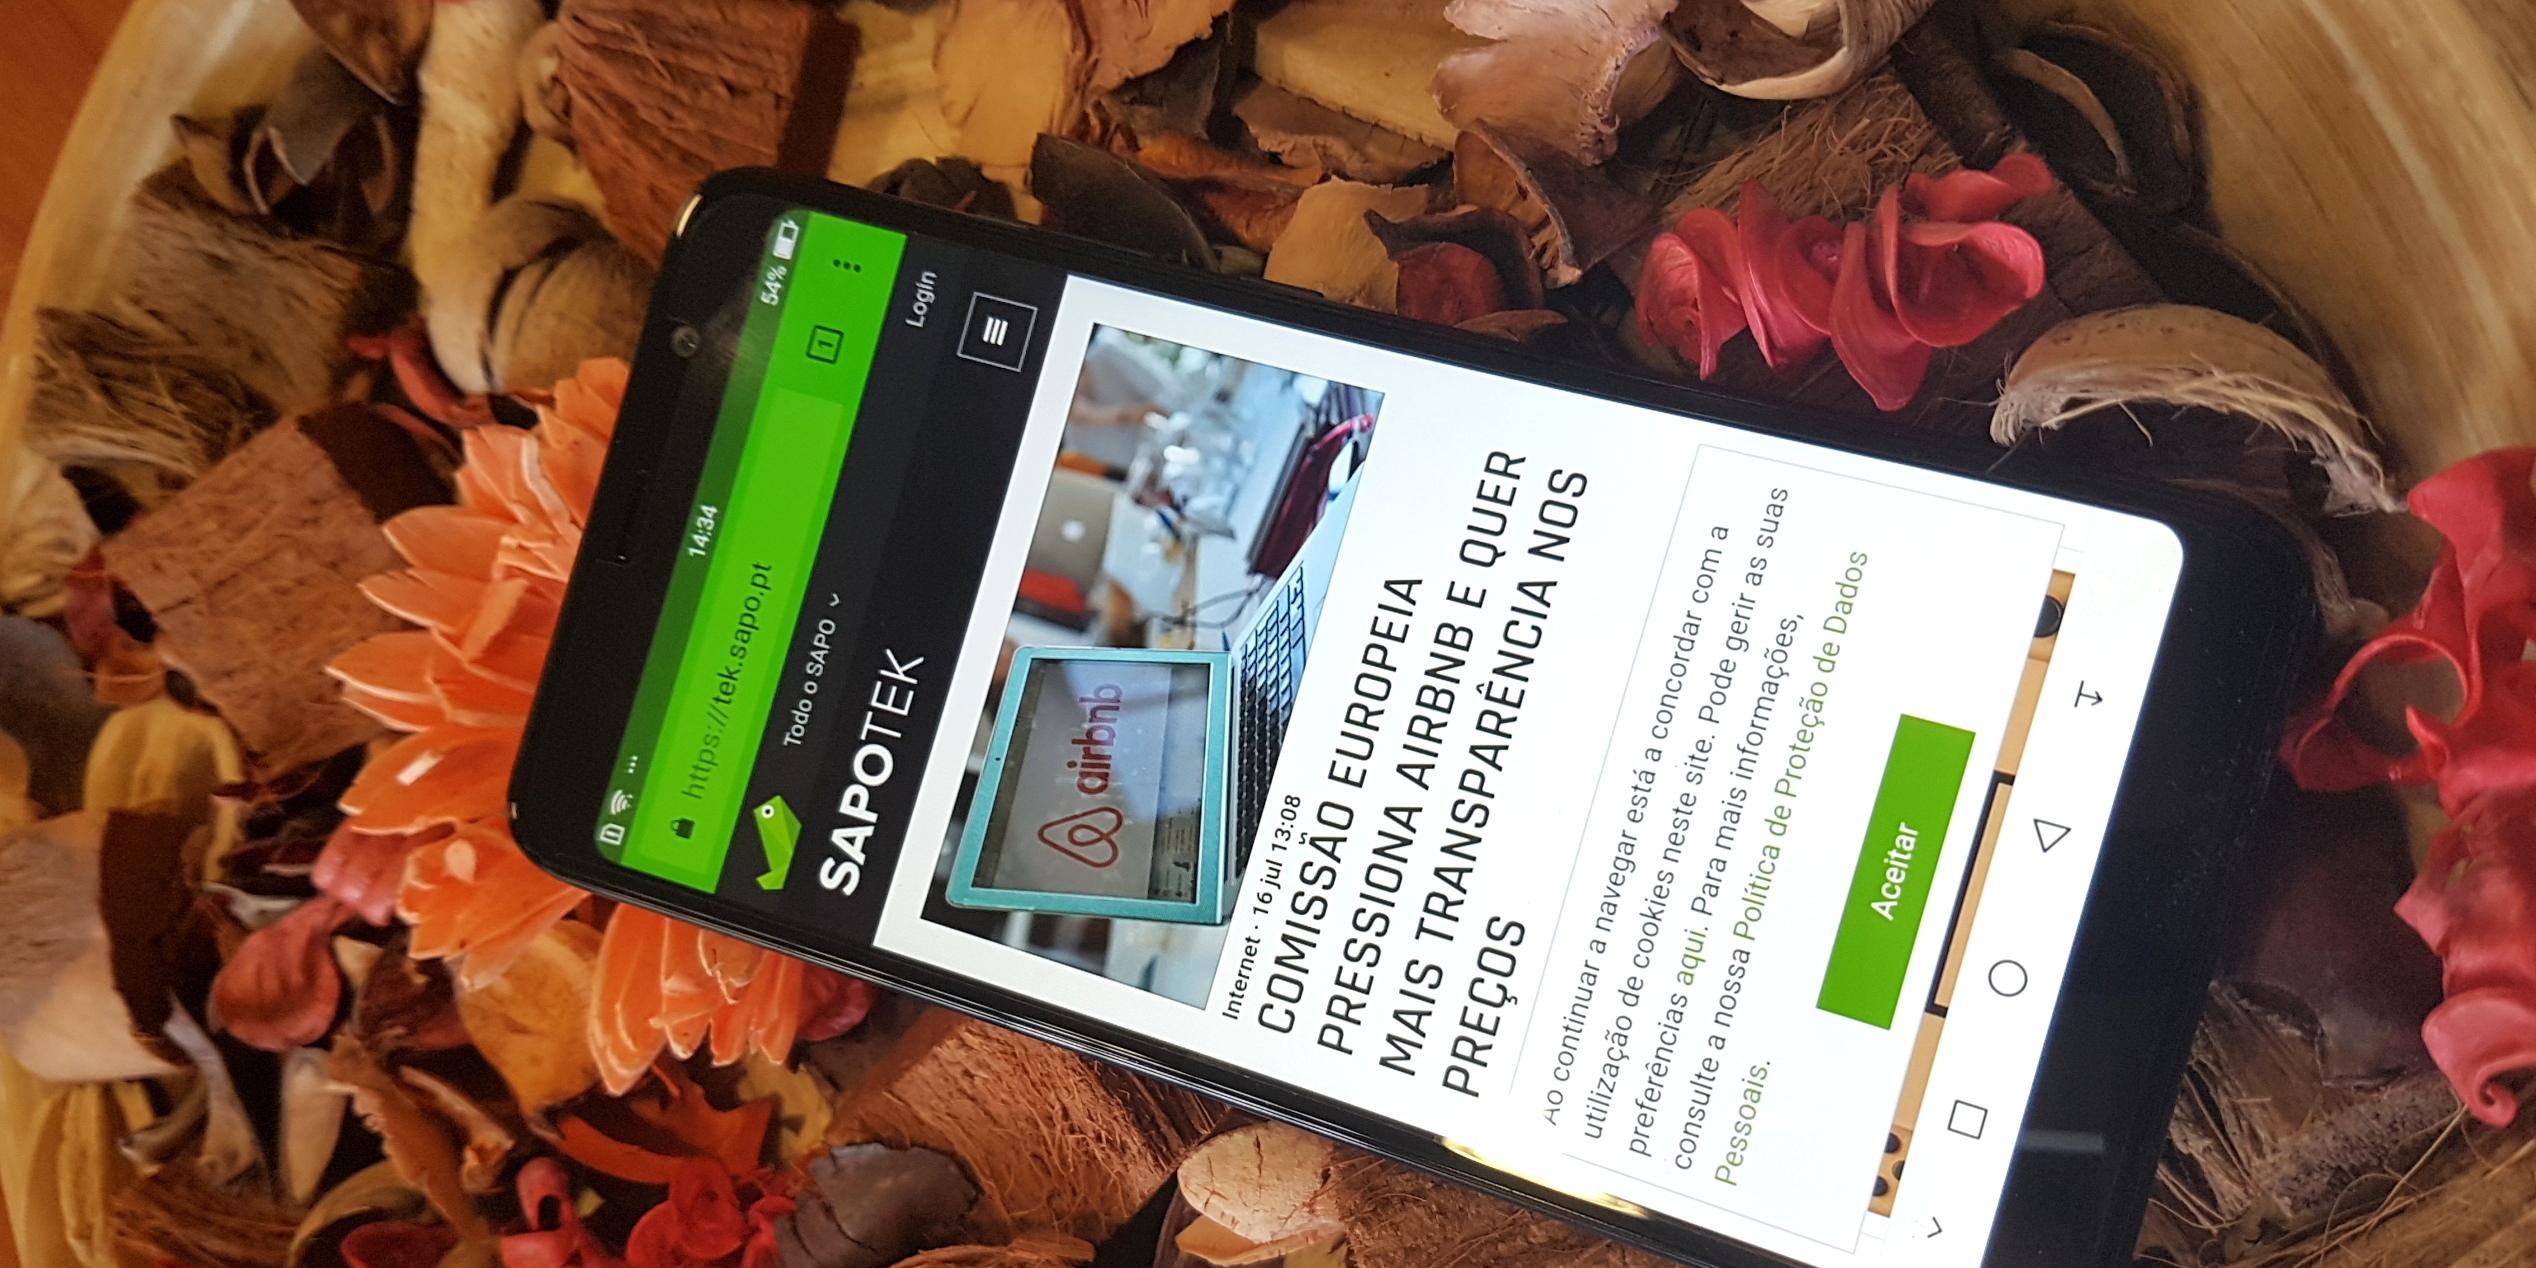 Análise TEK: Hisense Infinity H11 - Um smartphone para consumir multimédia e tirar fotos a um preço acessível